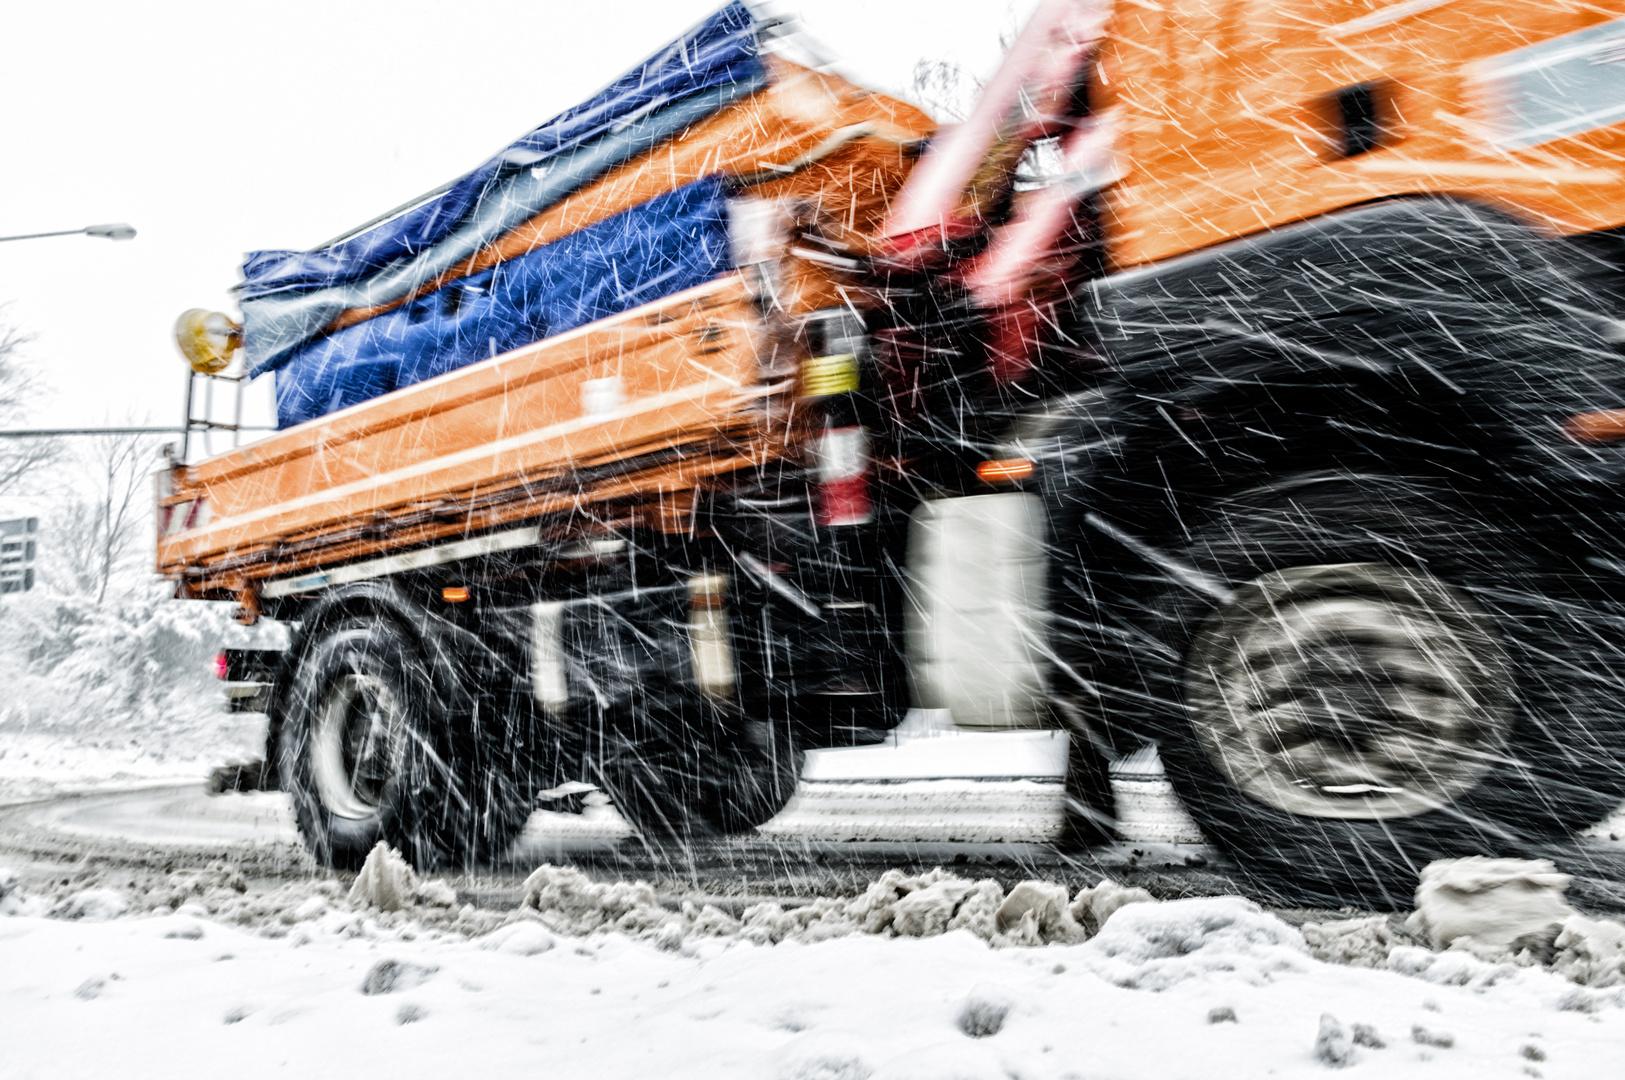 Winterdienst im Einsatz